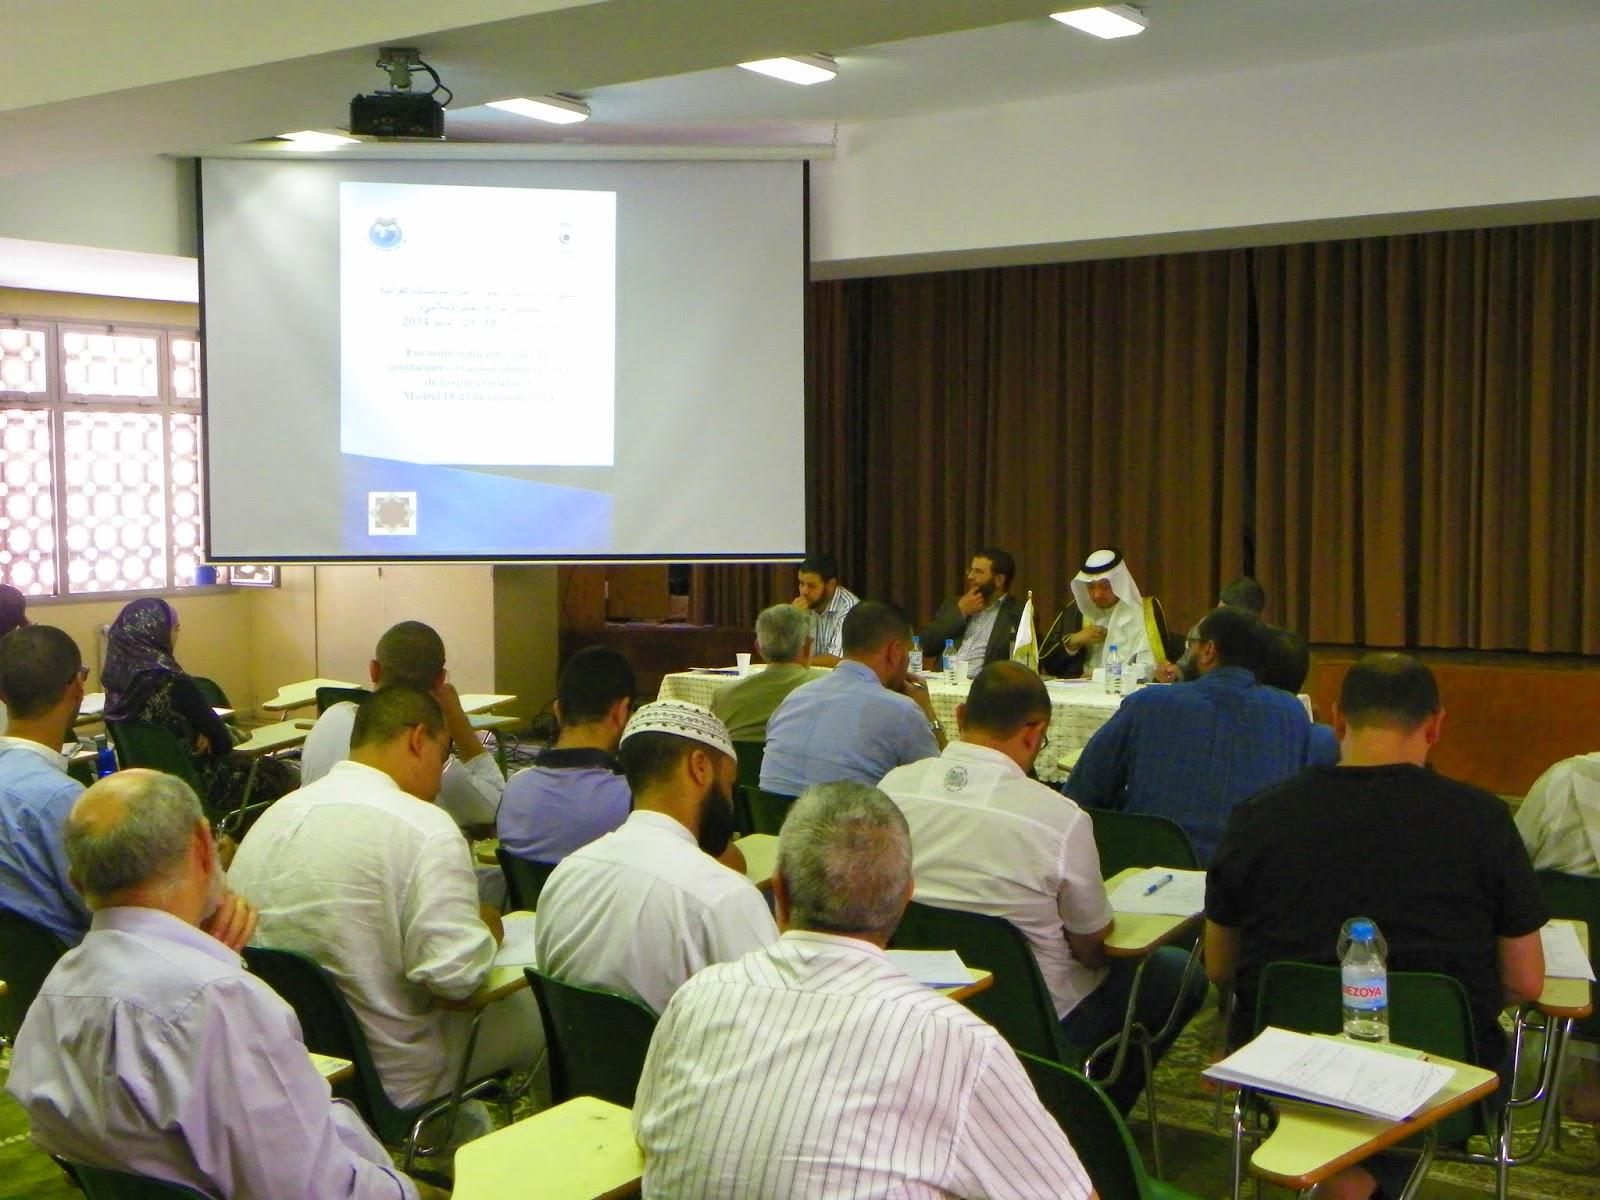 El segundo día del 1er Encuentro educativo sobre las instituciones religiosas islámicas fuera de los países islámicos